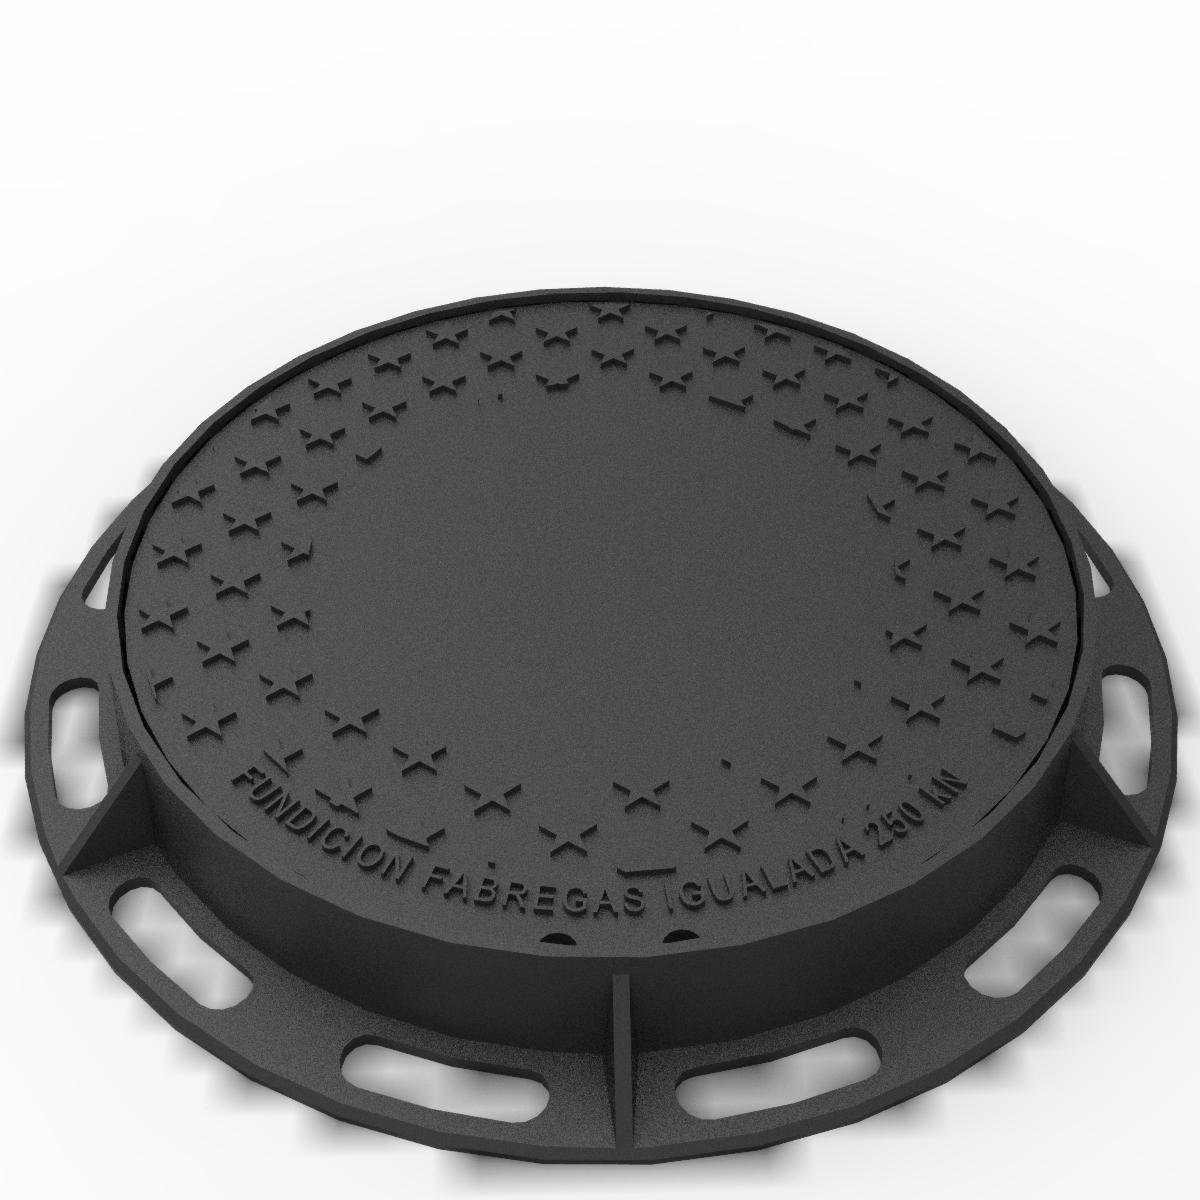 Tapa y aro circular de registro y fundicion ductil B-5DU